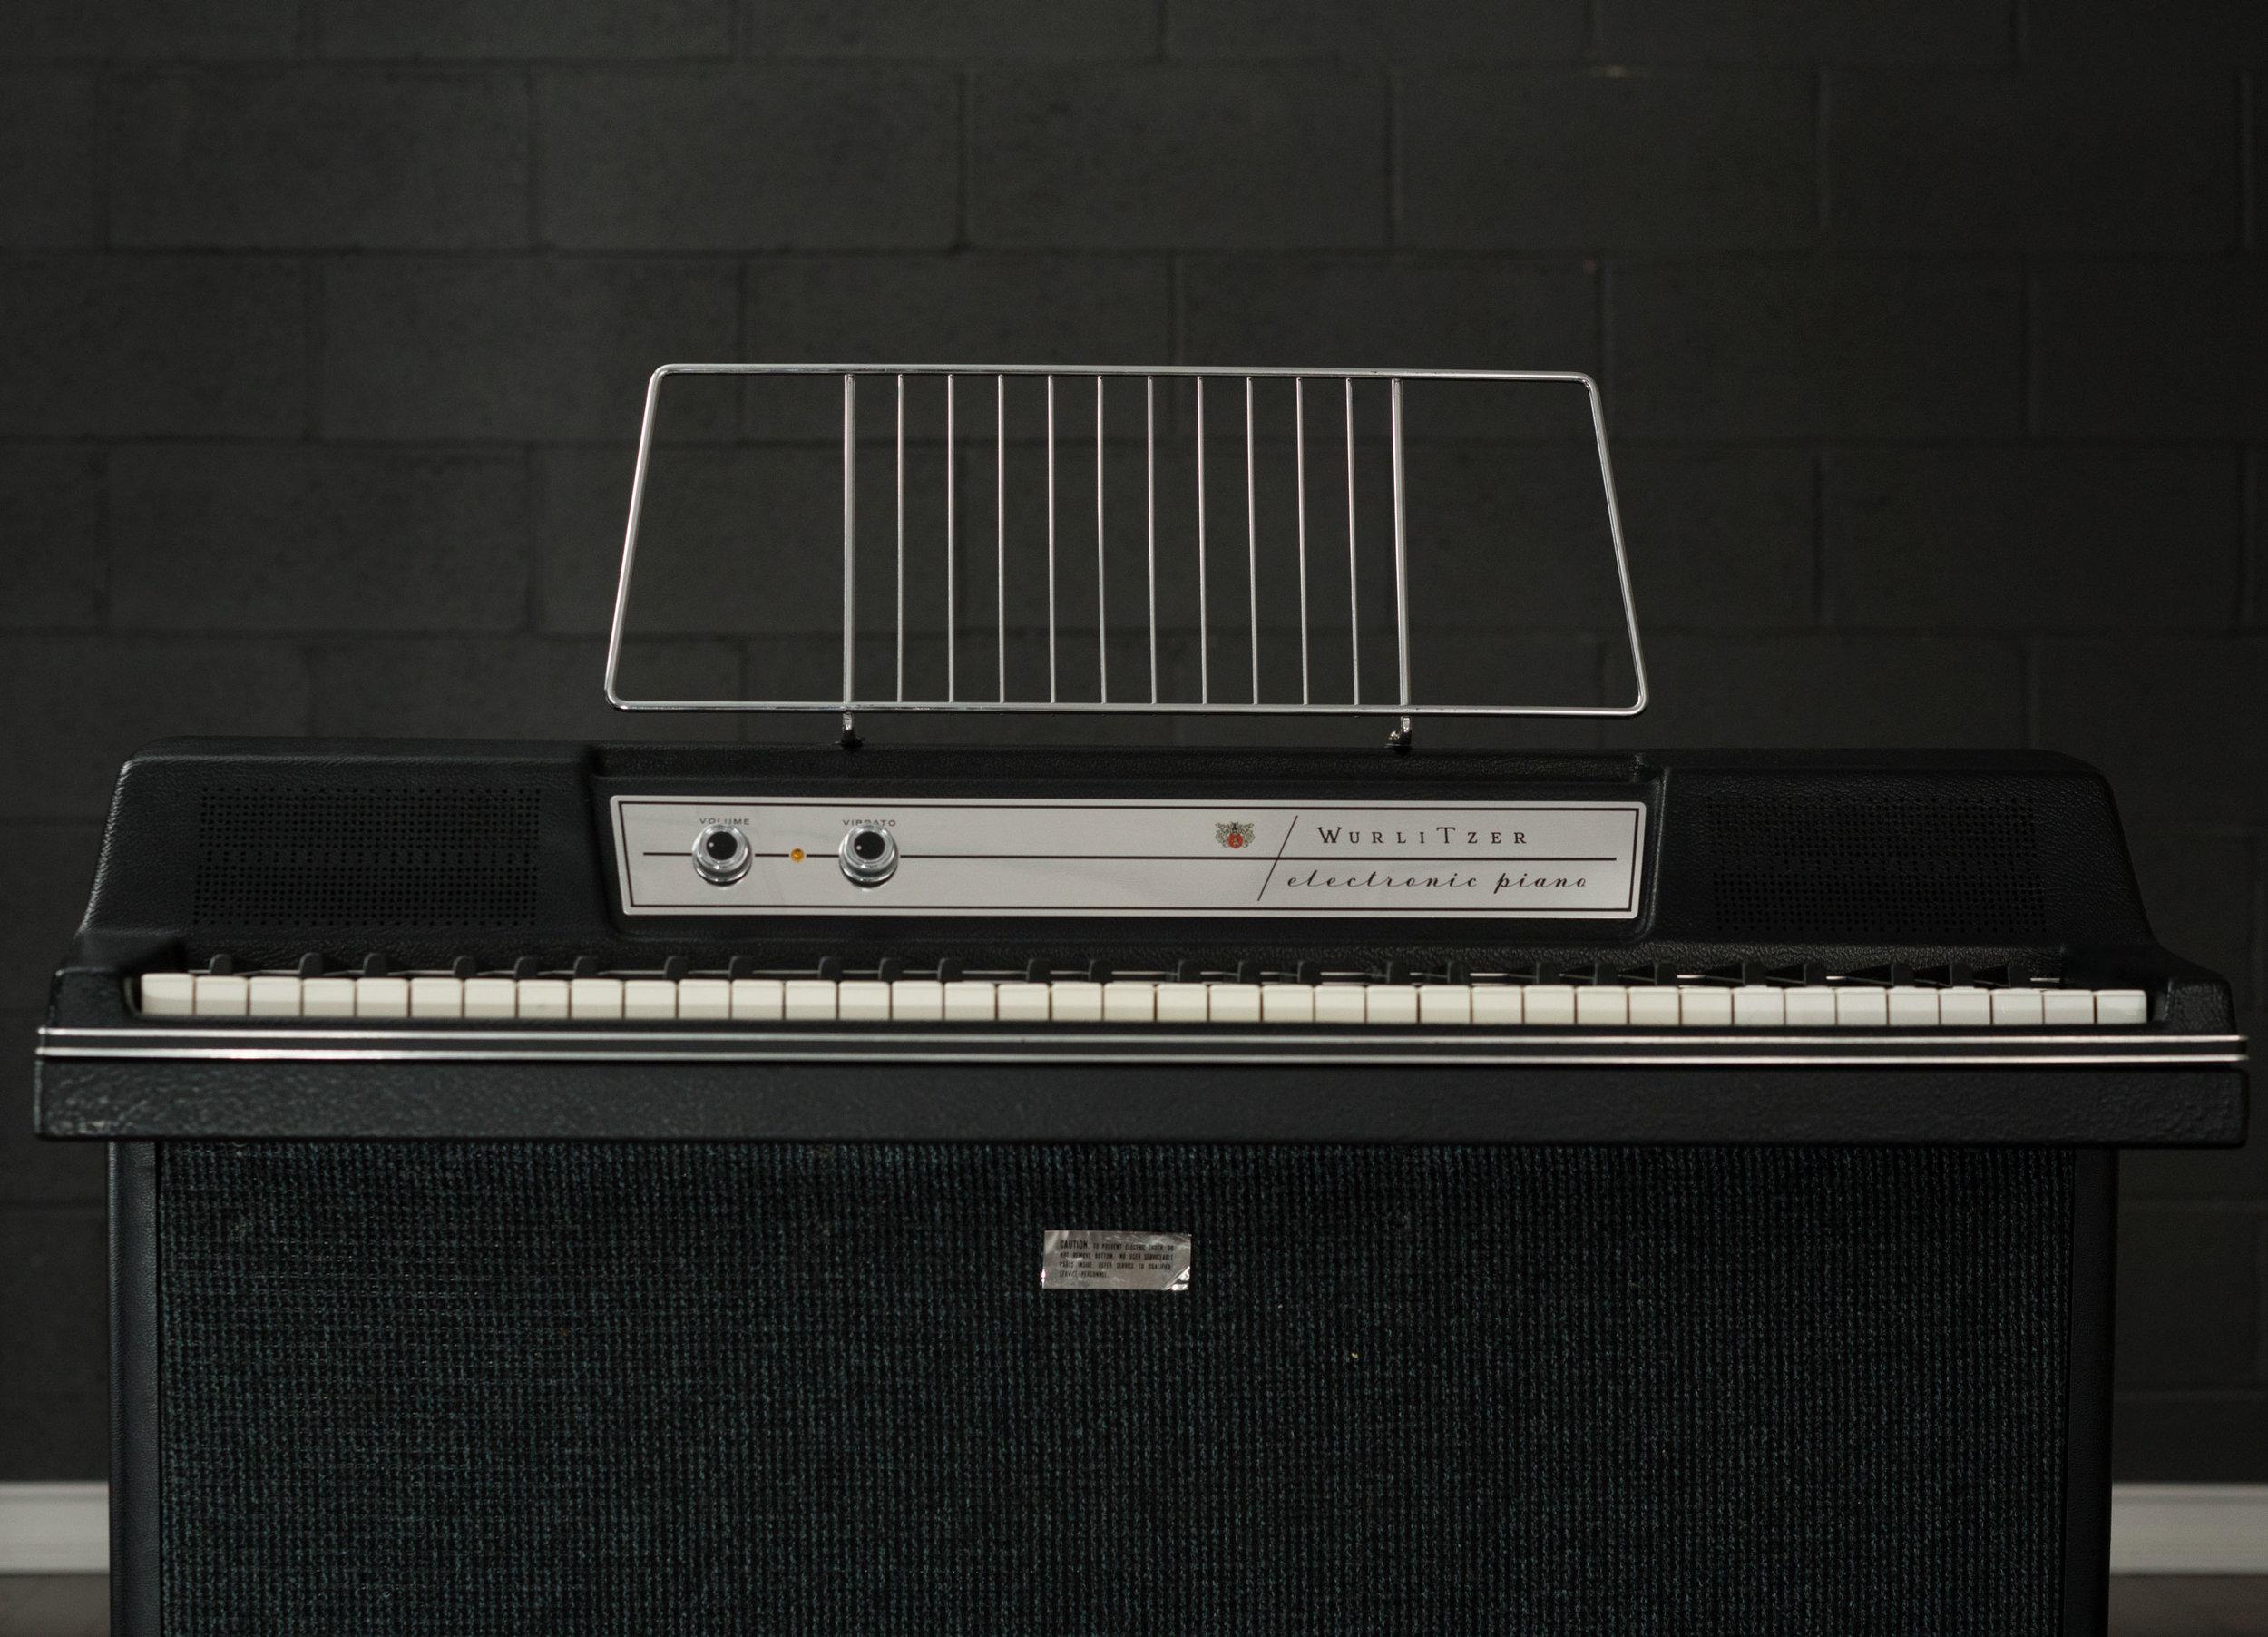 Wurlitzer 203 music rack